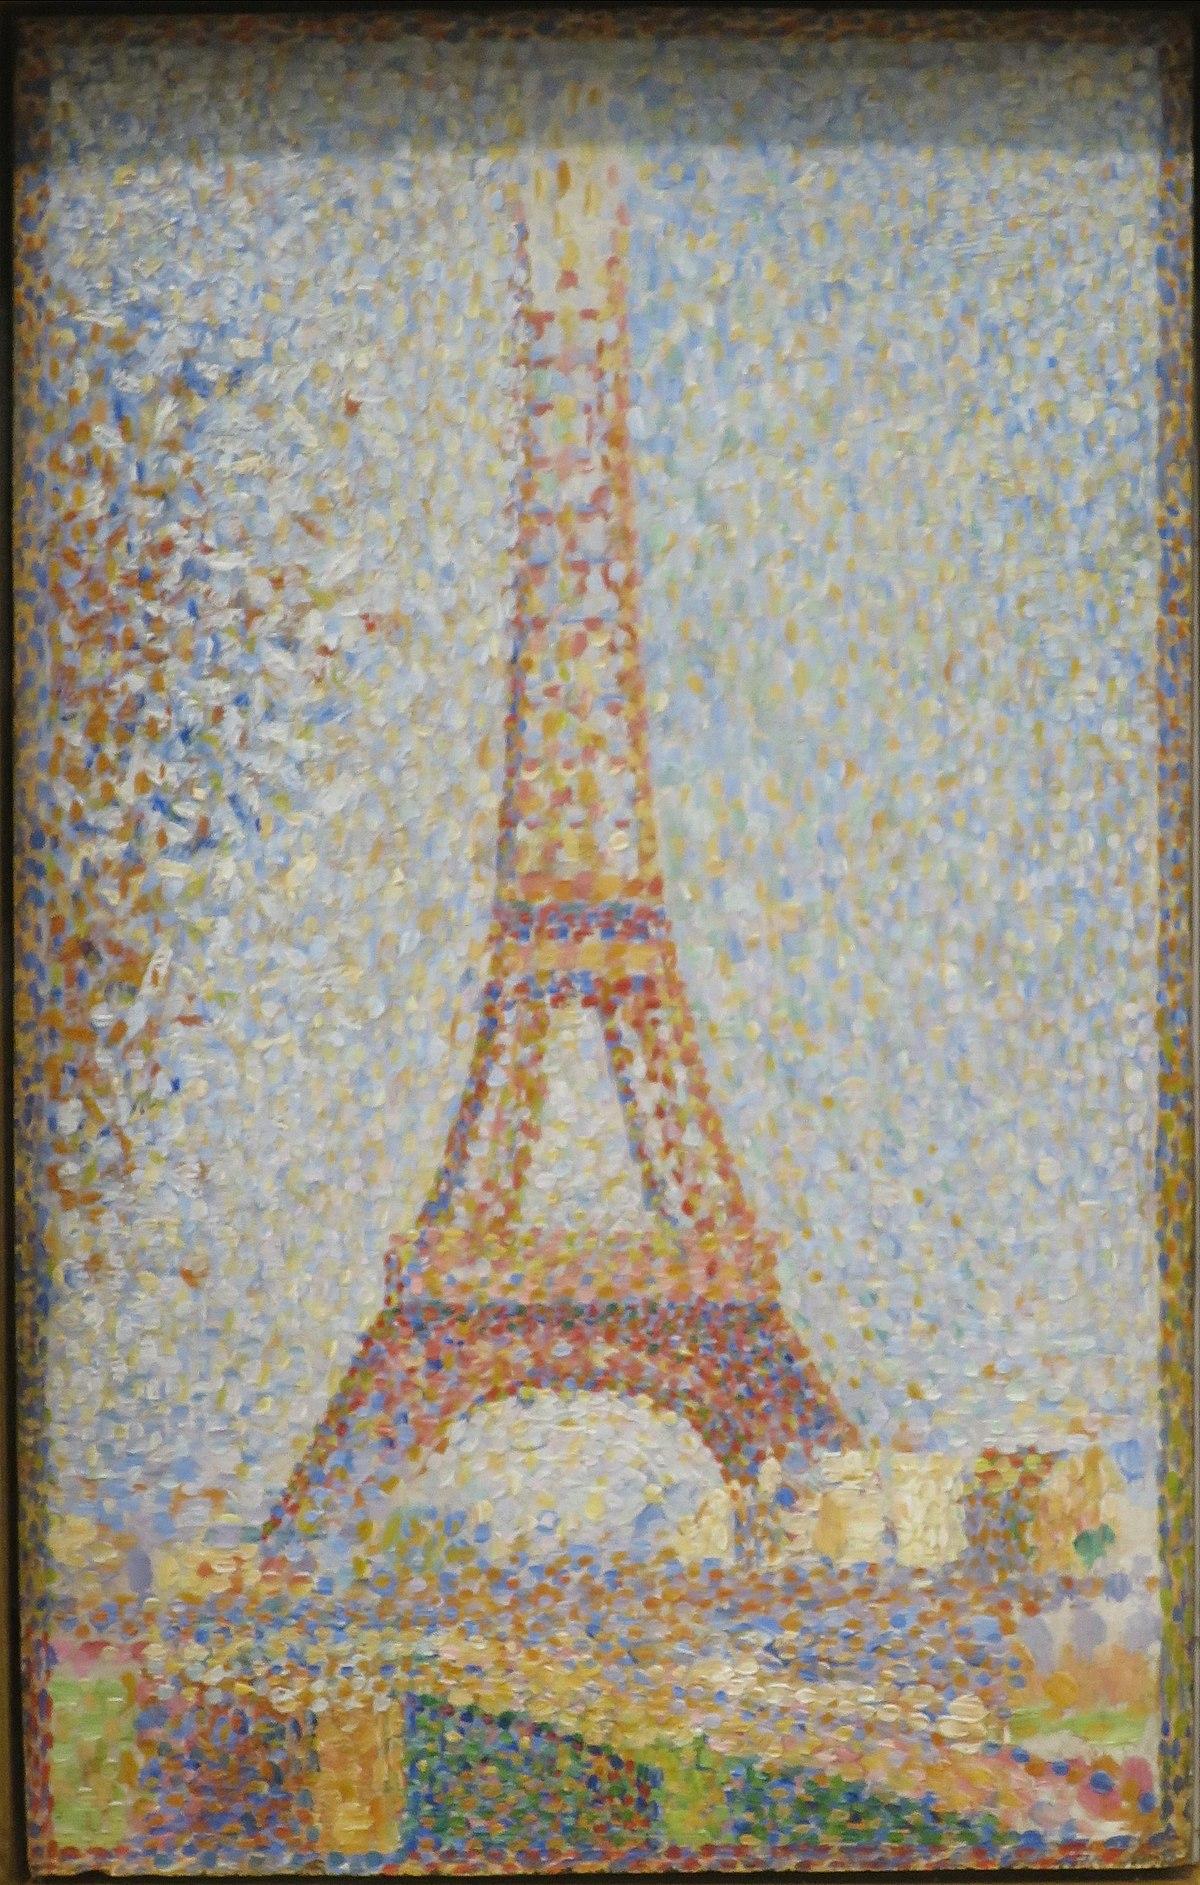 La torre Eiffel (Seurat) - Wikipedia, la enciclopedia libre